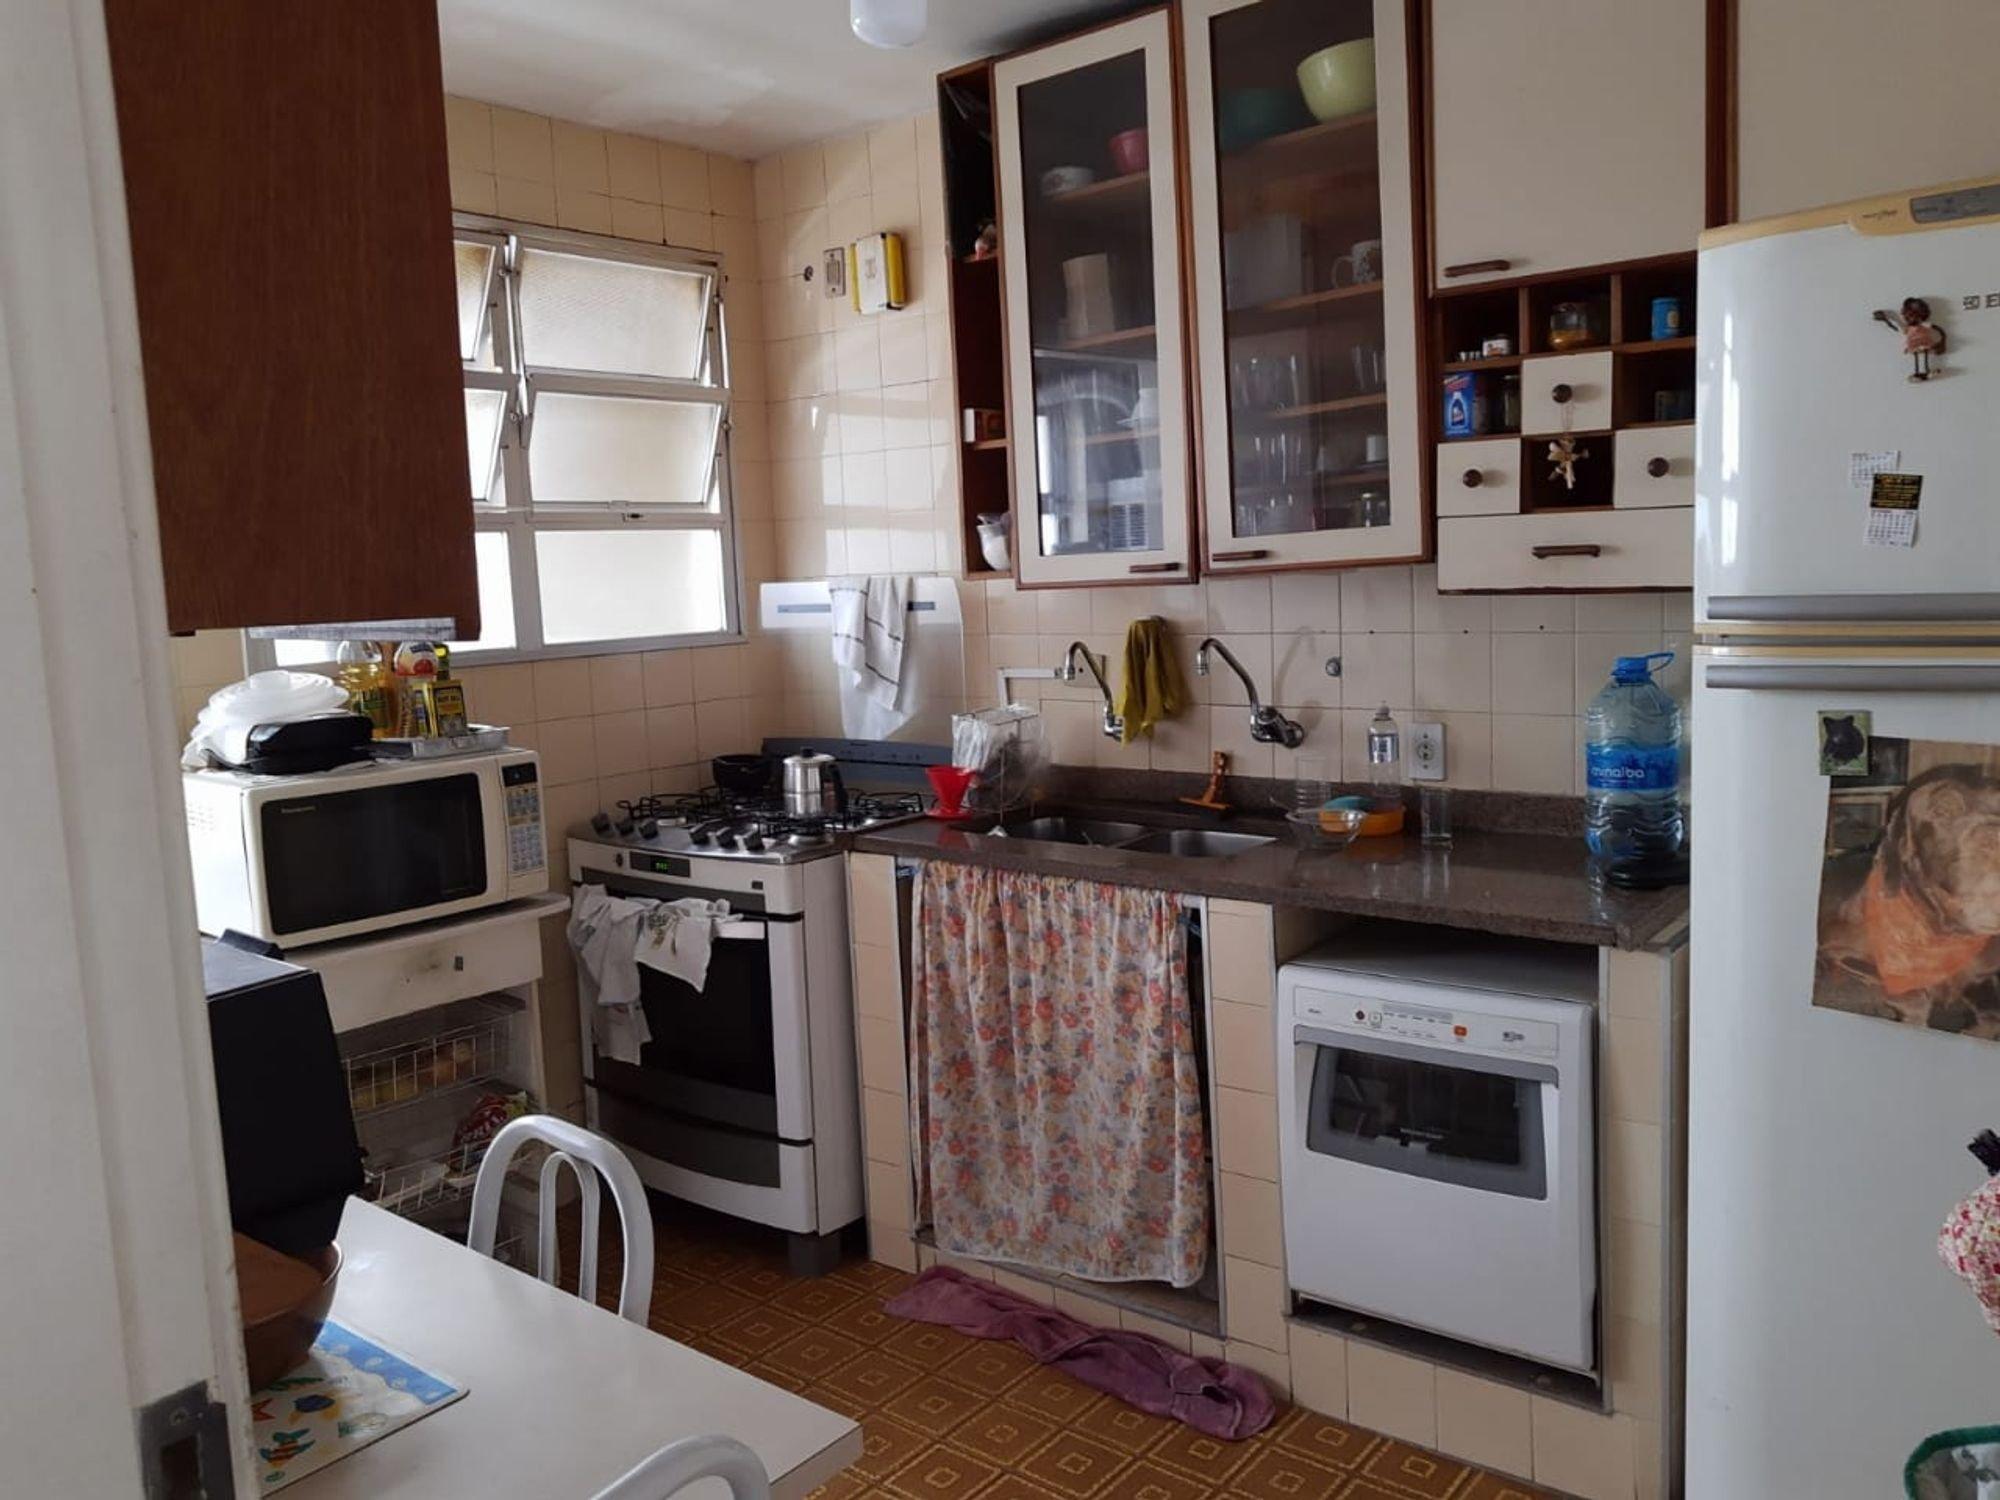 Foto de Cozinha com televisão, forno, pia, cadeira, mesa de jantar, garrafa, tigela, geladeira, microondas, xícara